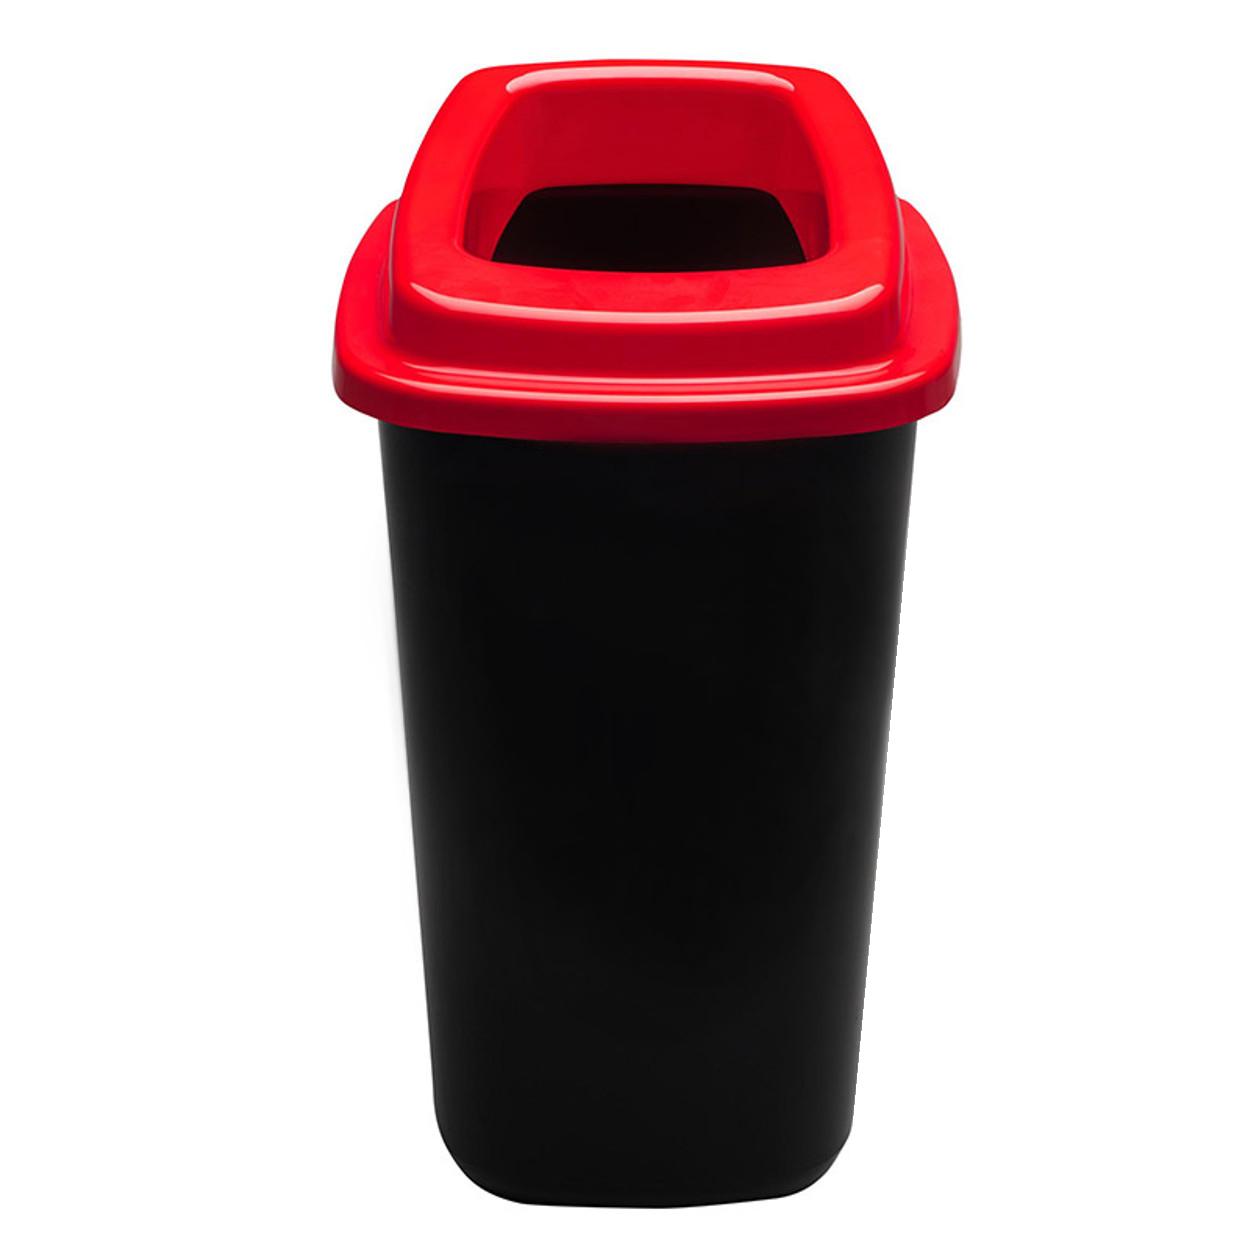 Plastikowy kosz do segregacji śmieci, 45 l, czerwony